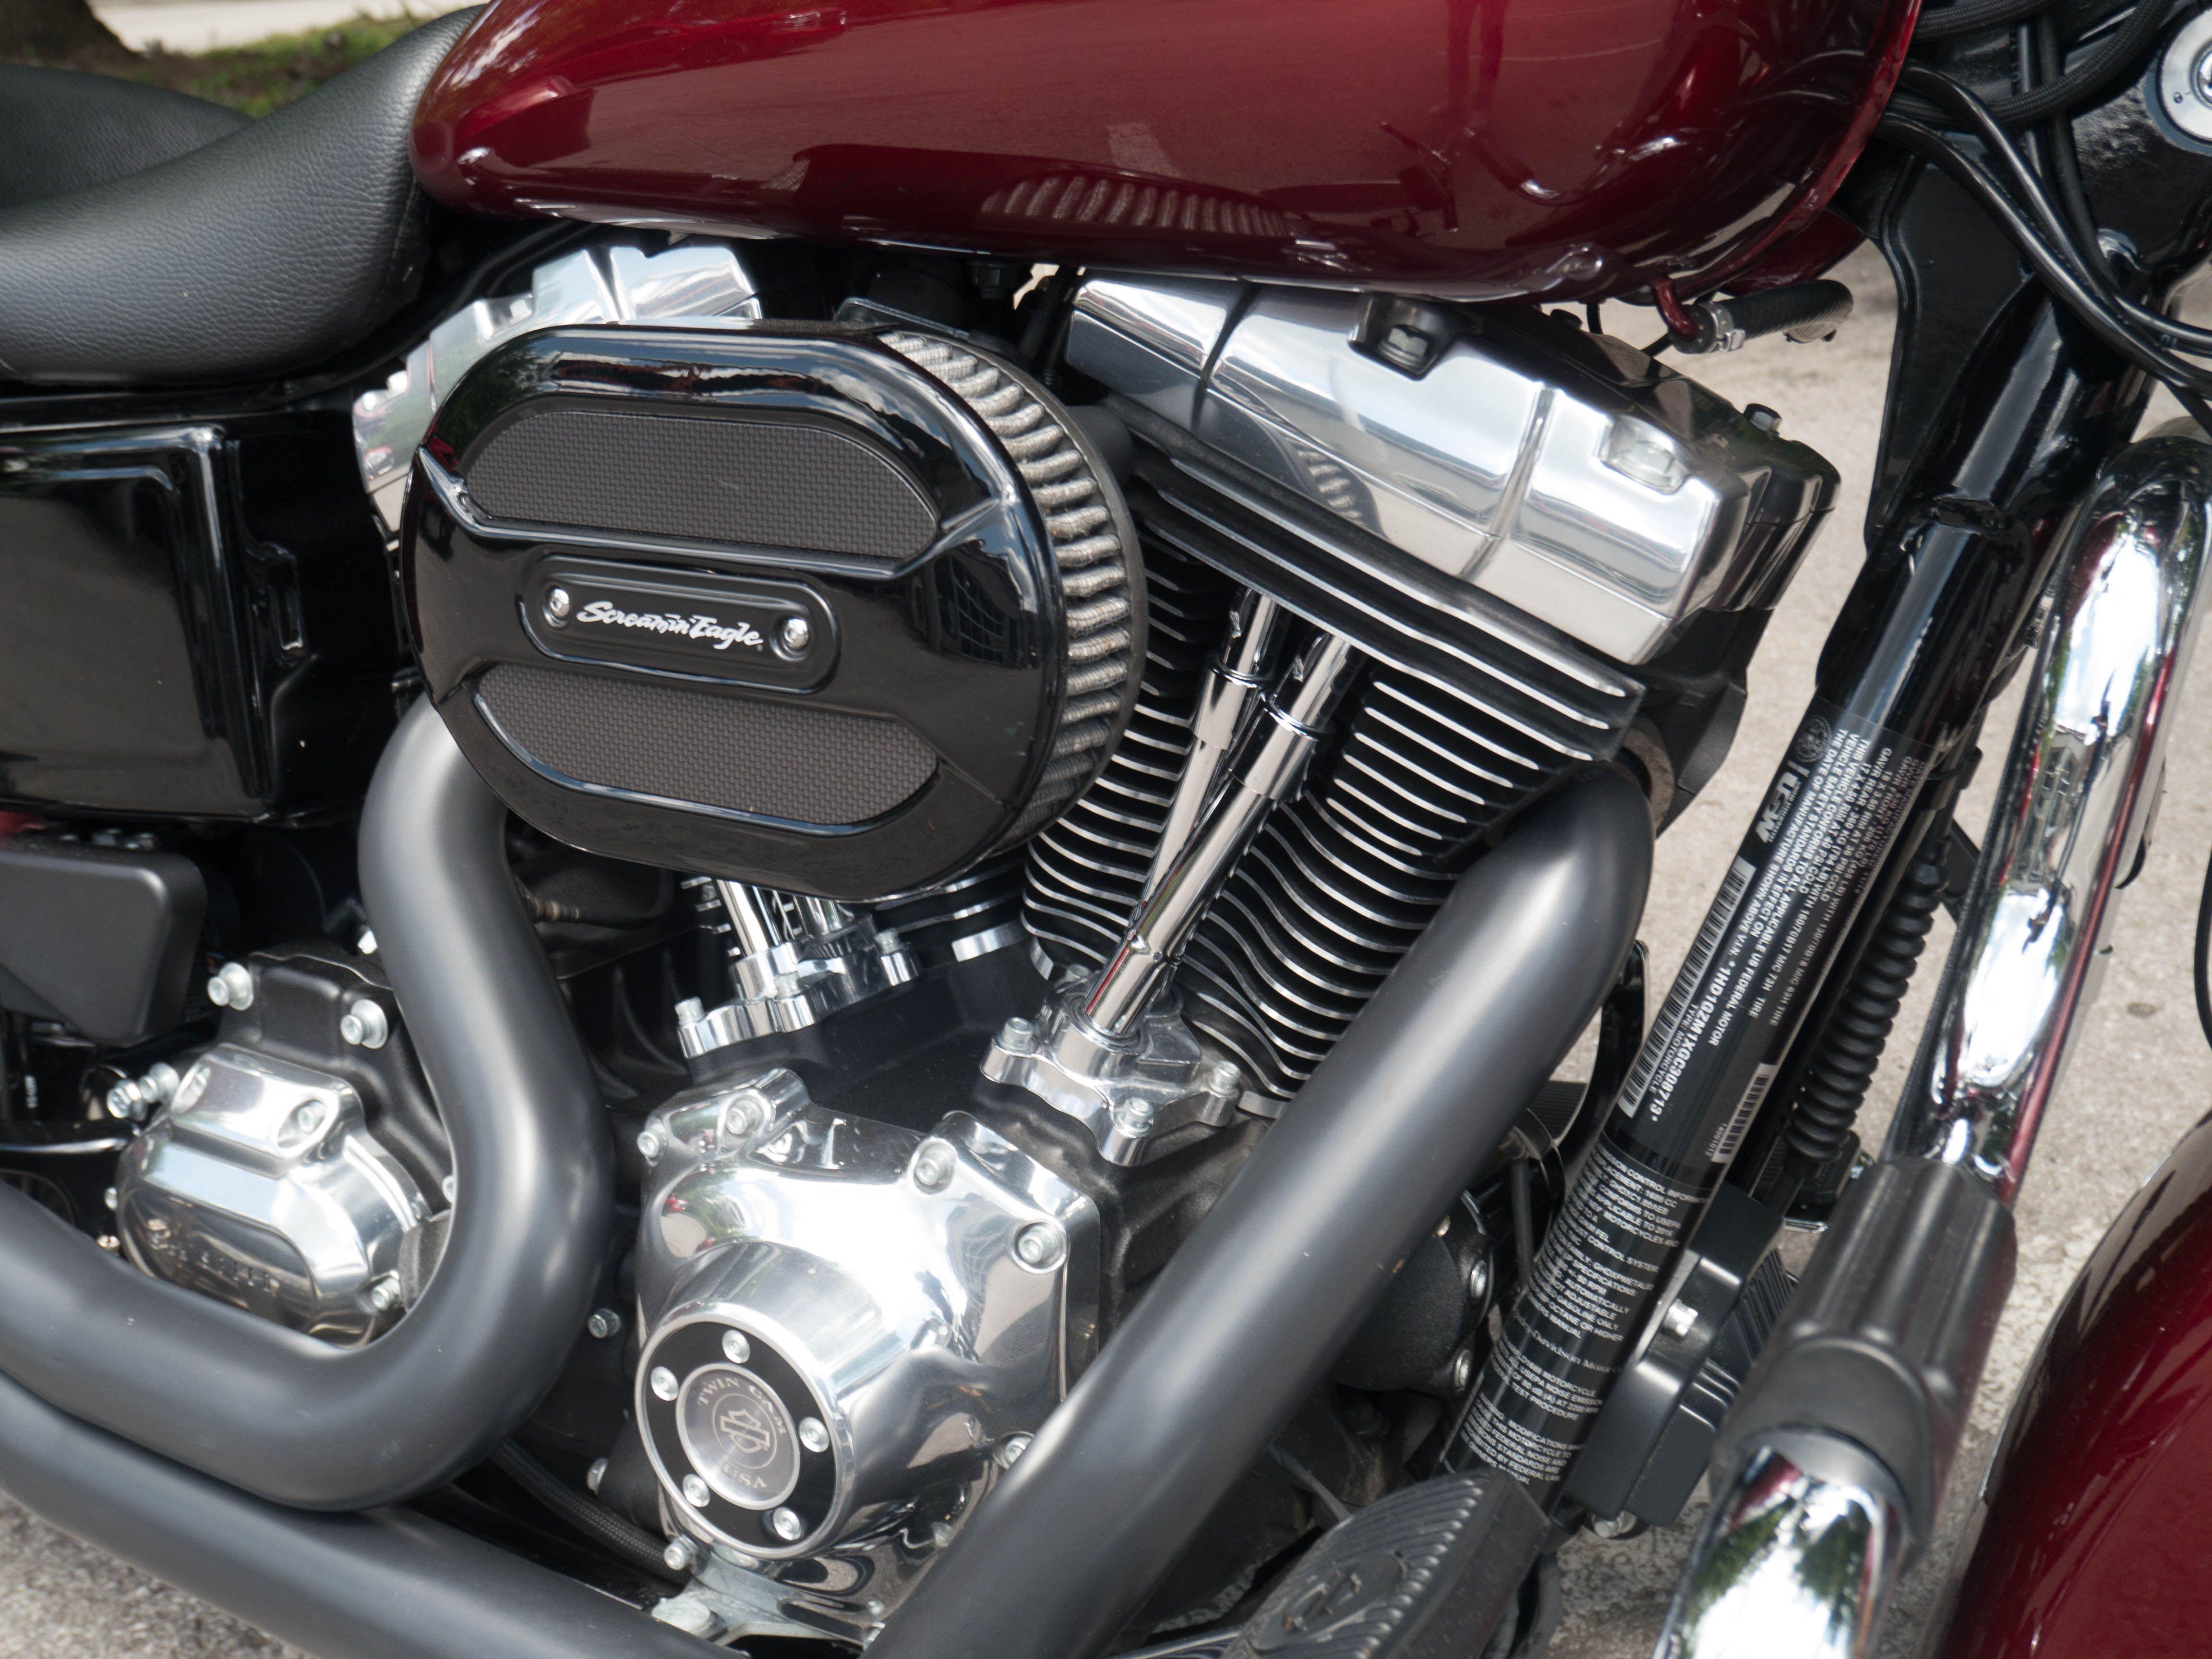 Pre-Owned 2016 Harley-Davidson Switchback